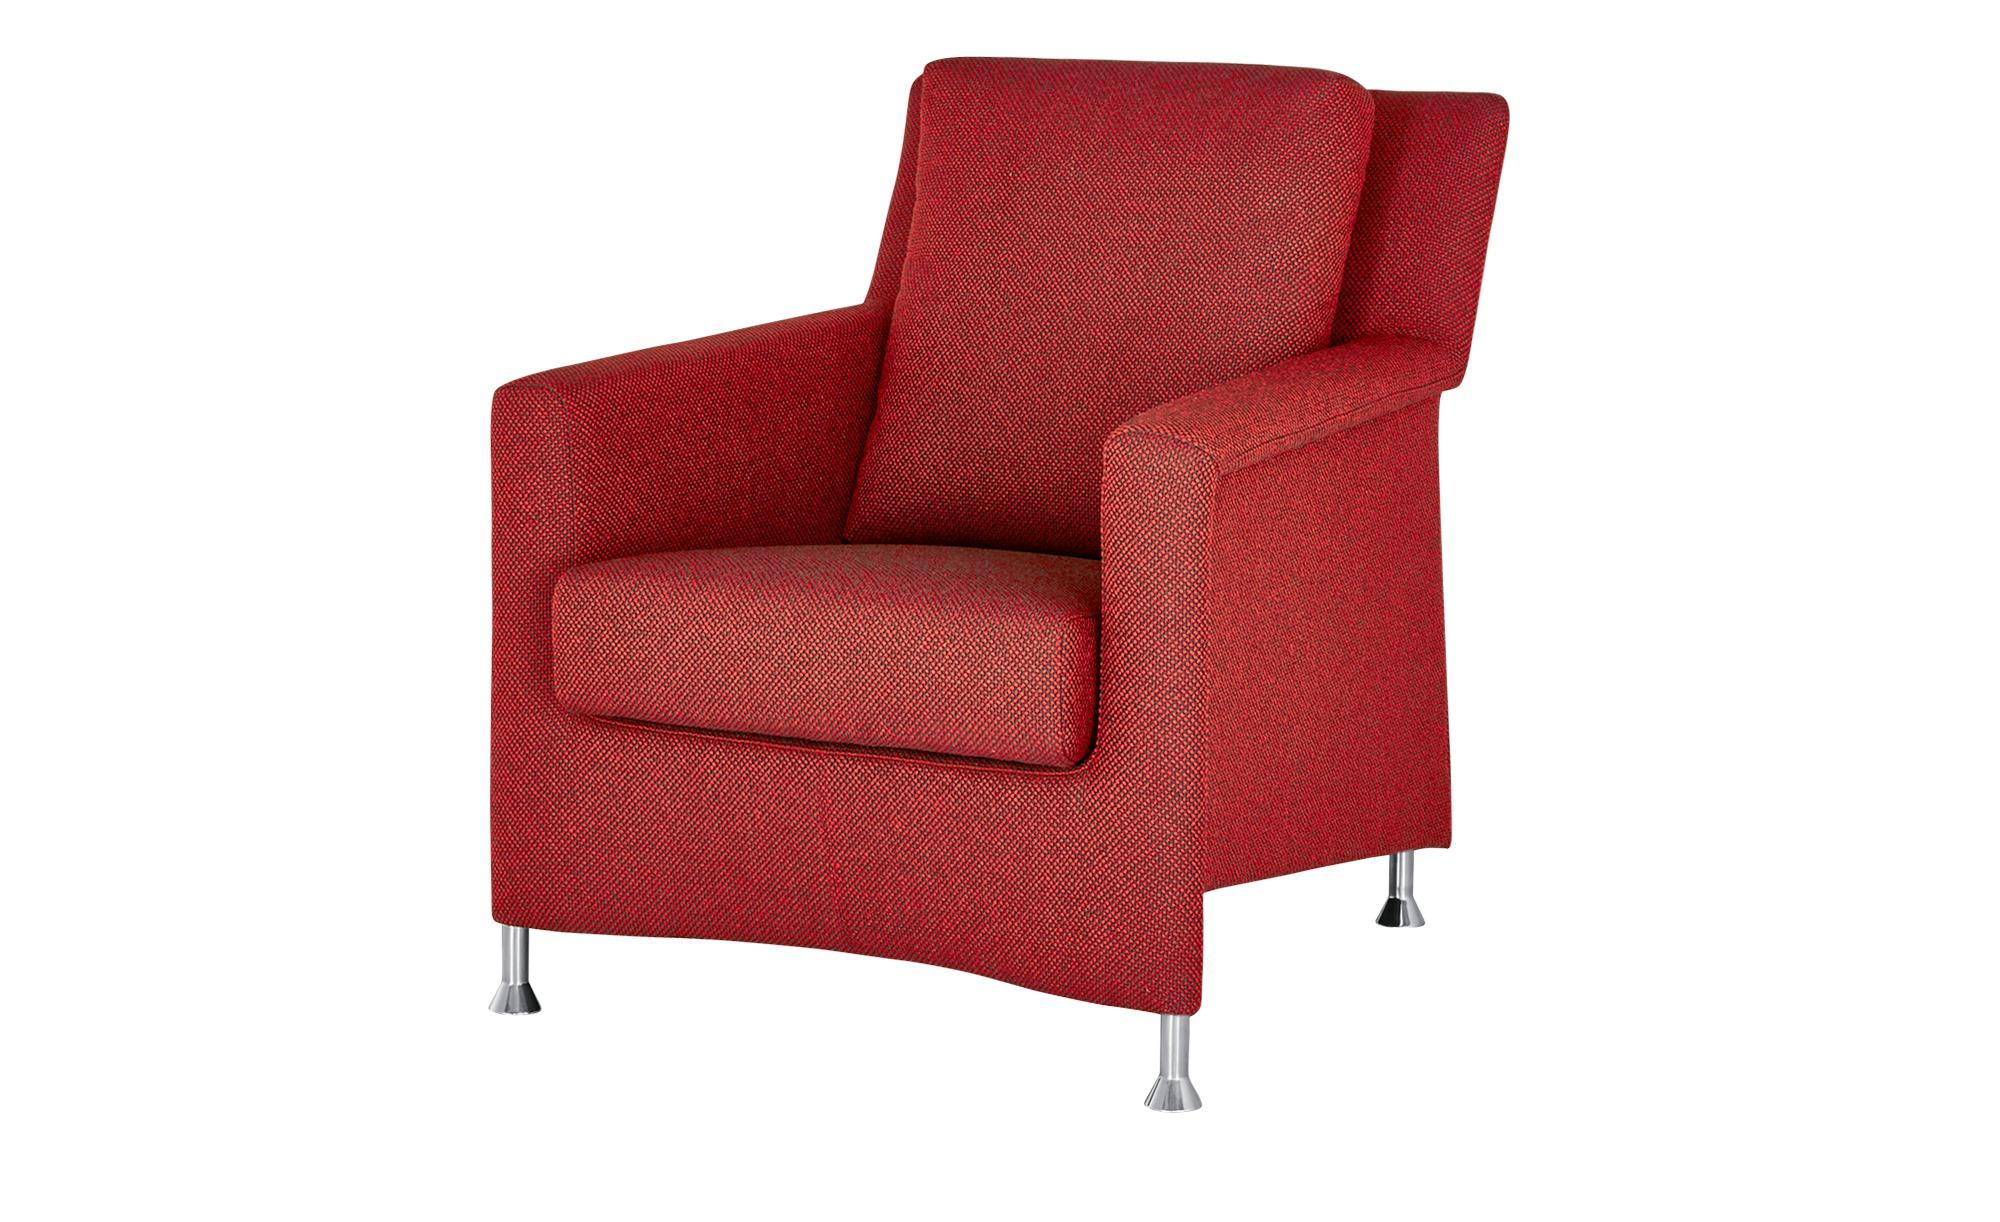 Sessel  Paian ¦ rot ¦ Maße (cm): B: 74 H: 87 T: 91 Polstermöbel > Sessel > Polstersessel - Höffner